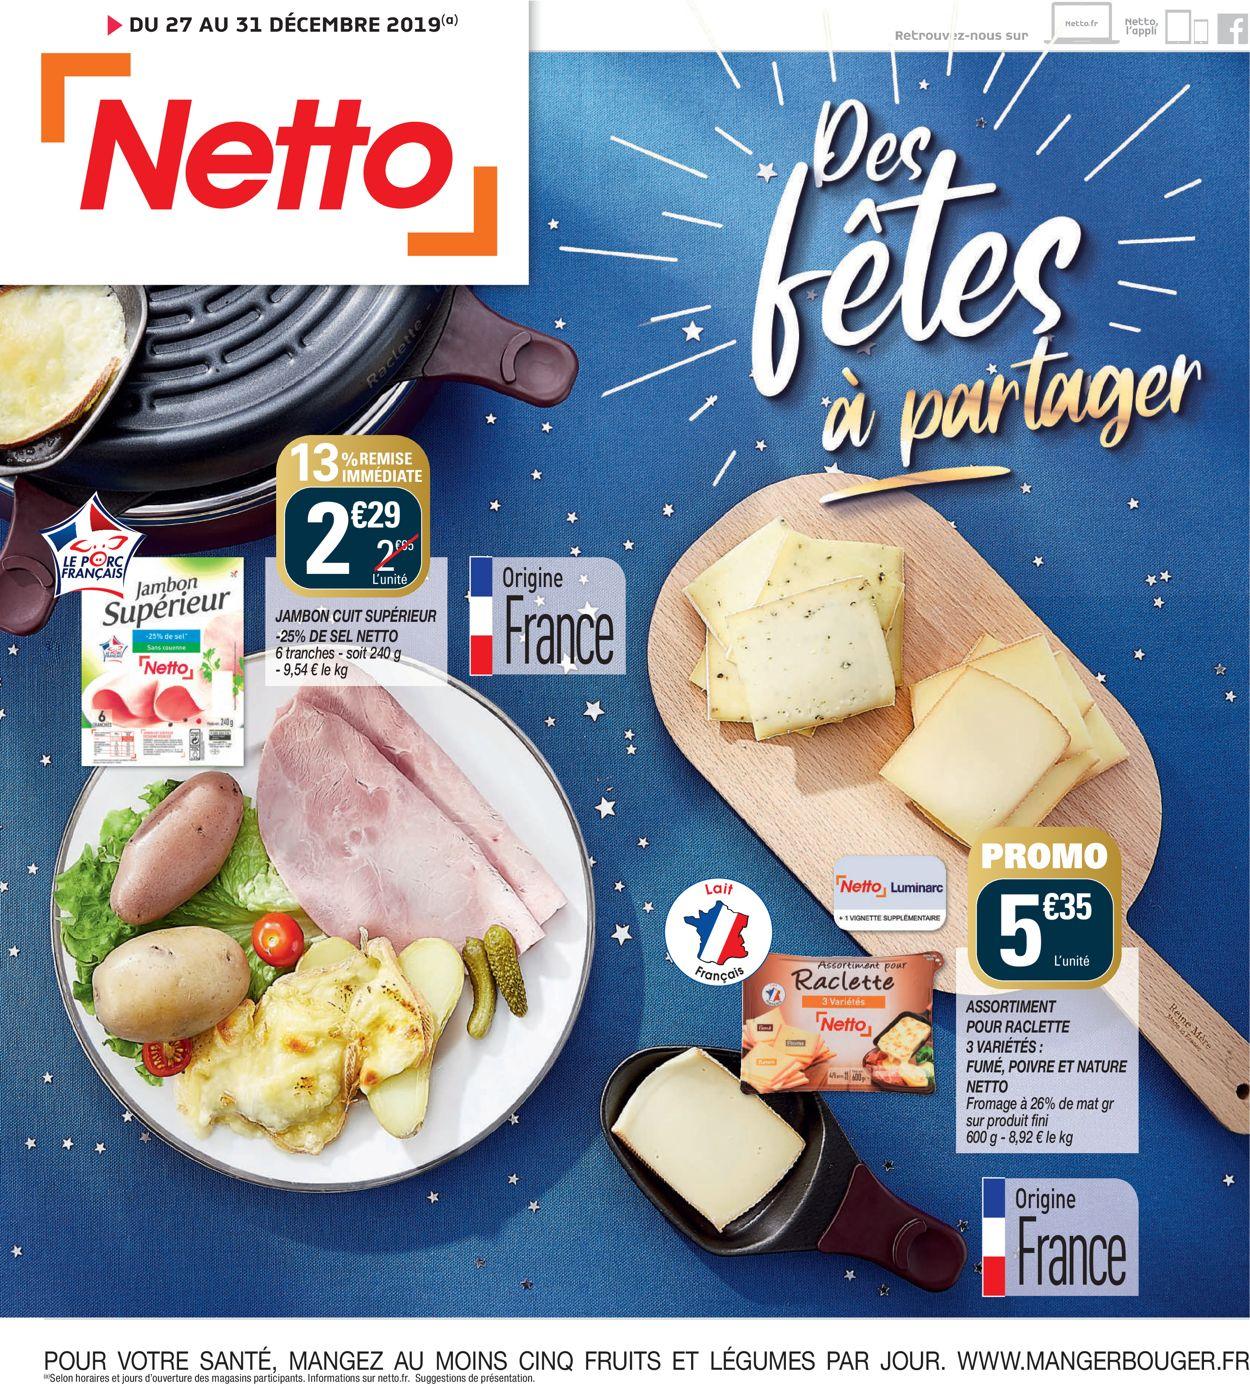 Netto Catalogue - 27.12-31.12.2019